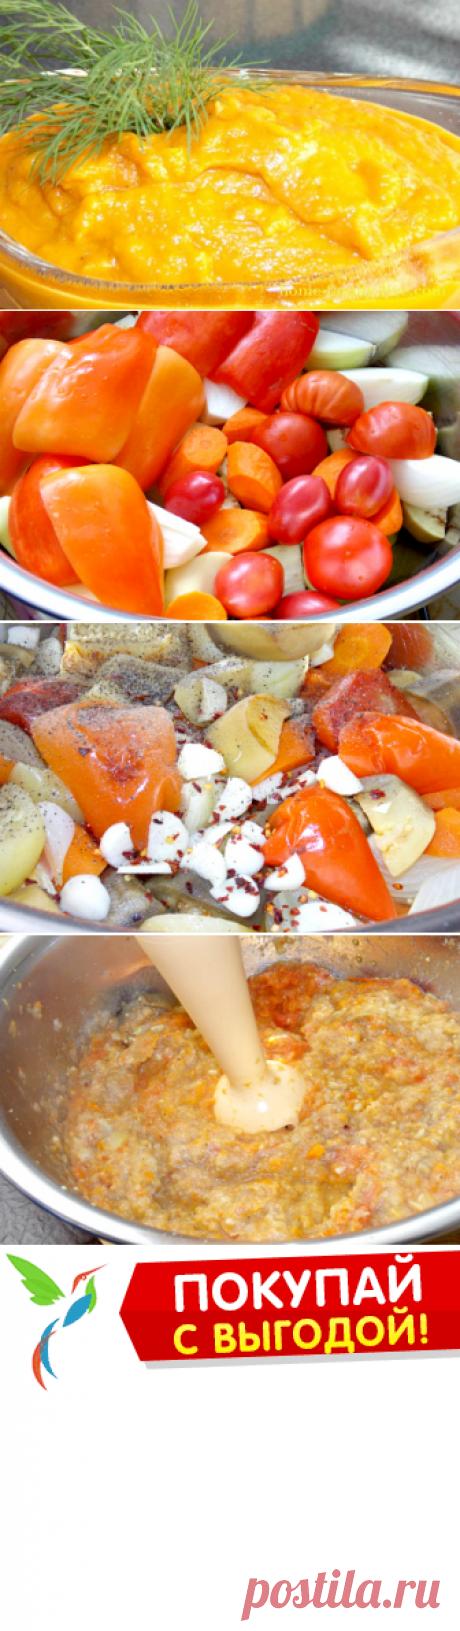 Овощная икра в рукаве для запекания/Сайт с пошаговыми рецептами с фото для тех кто любит готовить